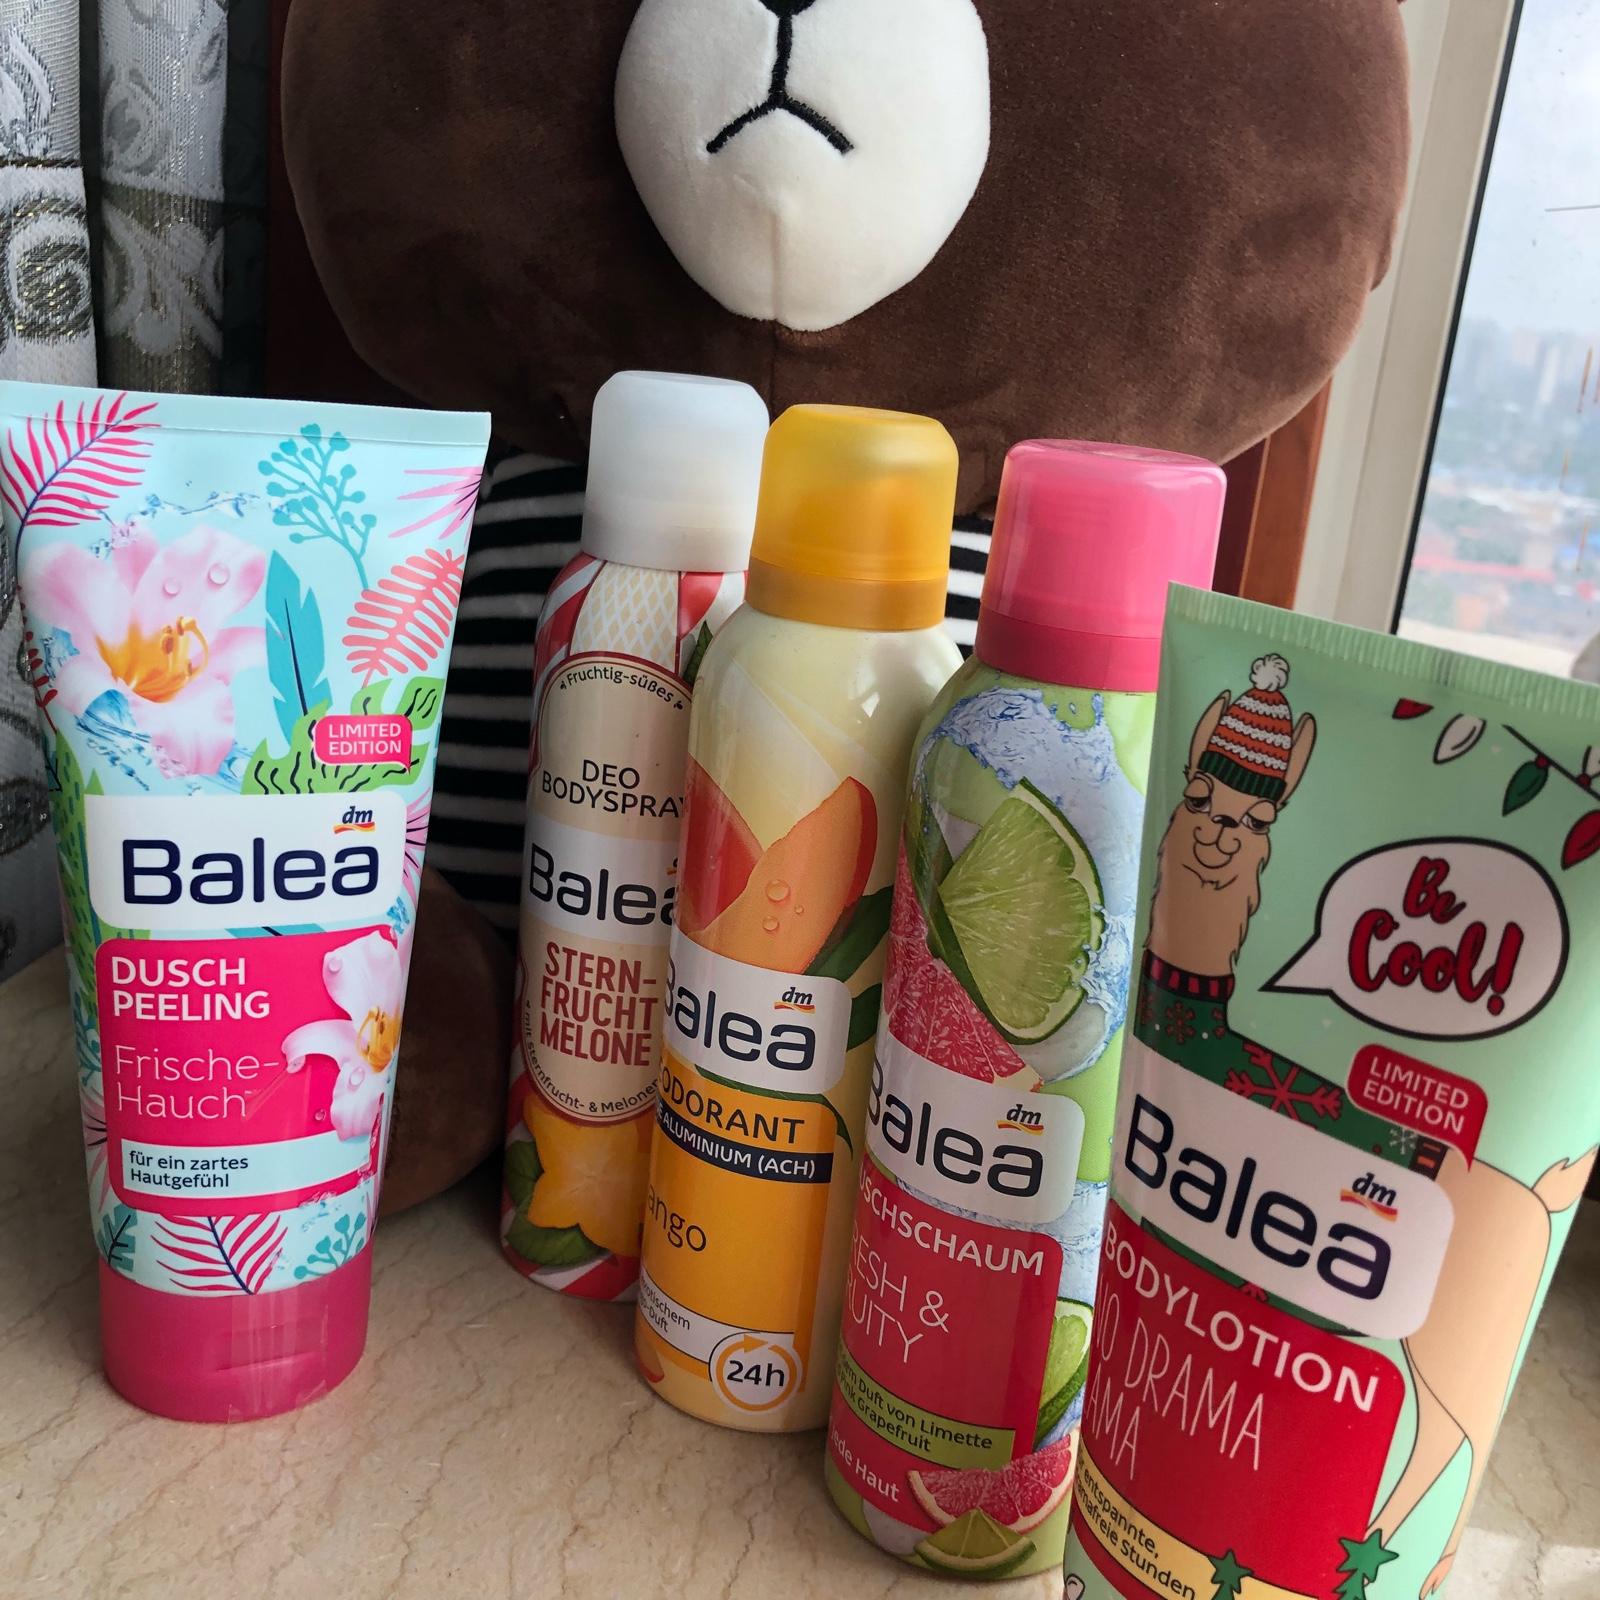 Bear plus zero | Balea | Различные ссылки на портфолио продуктов